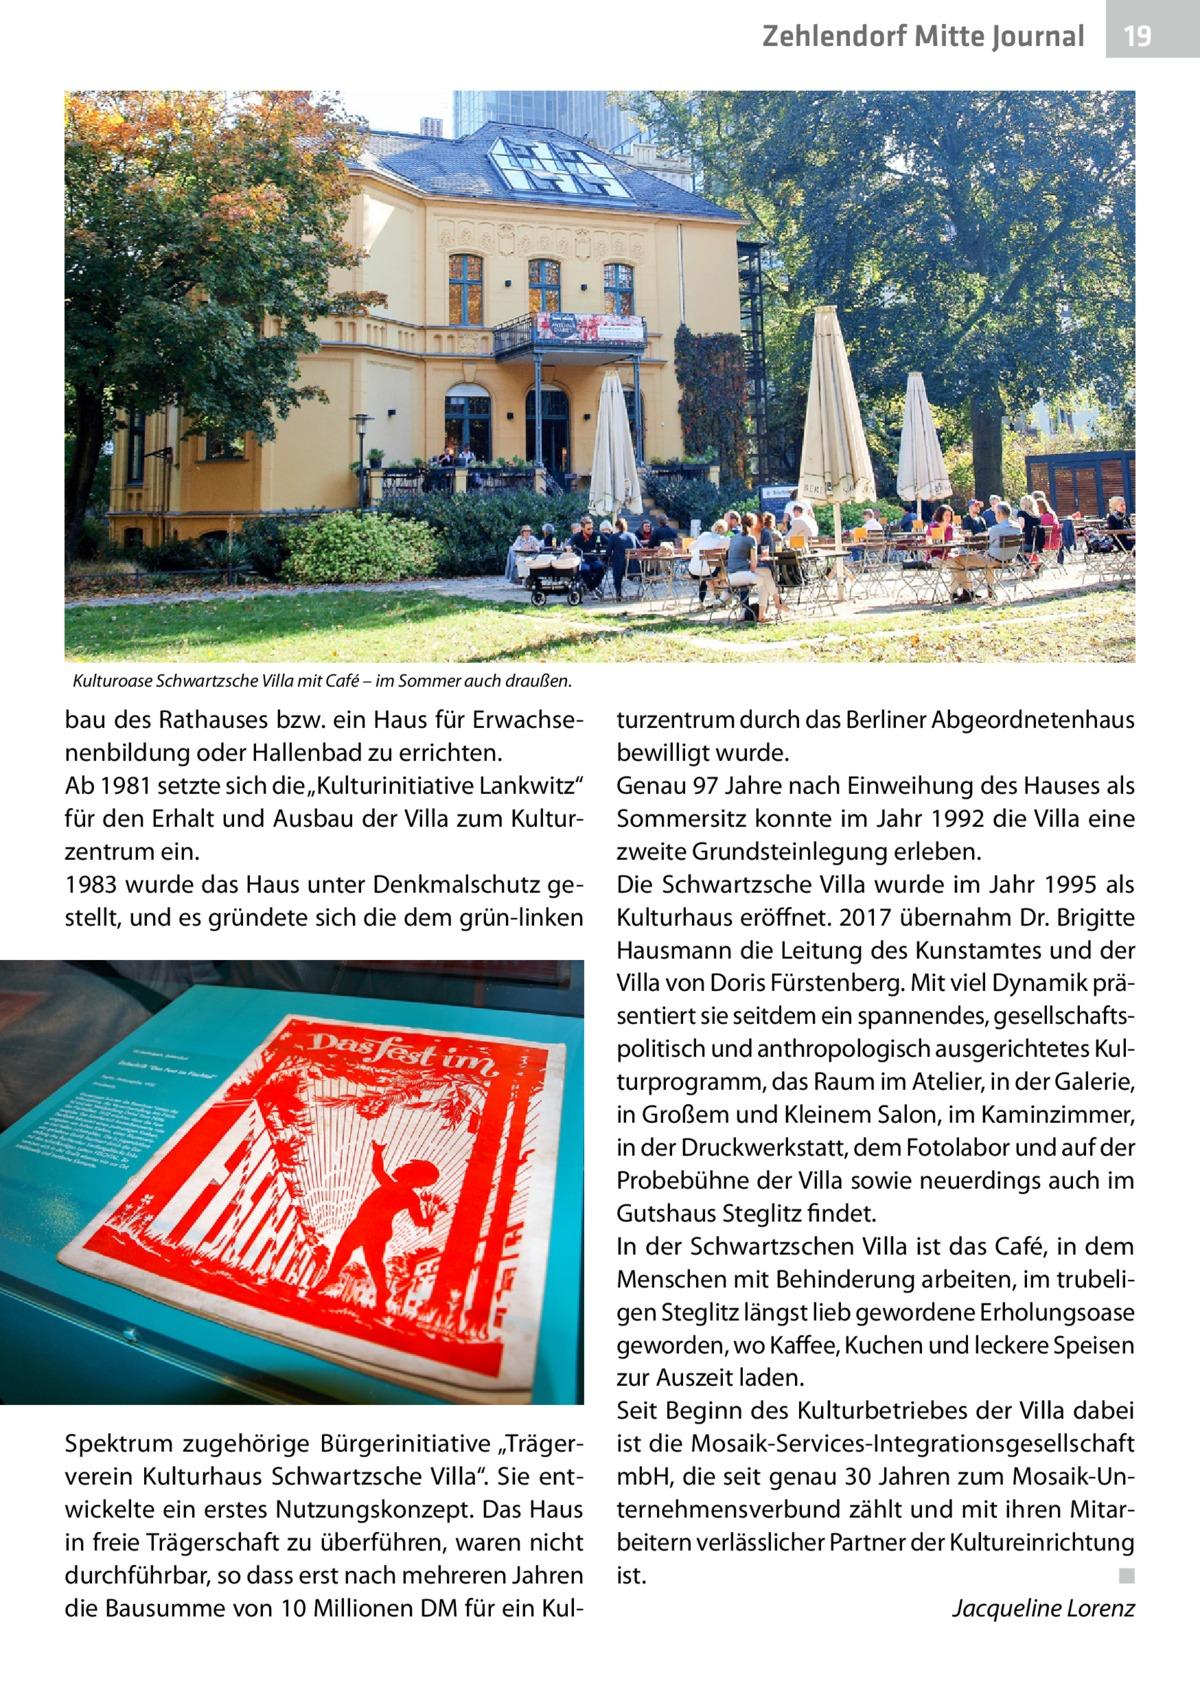 """Zehlendorf Mitte Journal  19  Kulturoase Schwartzsche Villa mit Café – im Sommer auch draußen.  bau des Rathauses bzw. ein Haus für Erwachsenenbildung oder Hallenbad zu errichten. Ab 1981 setzte sich die """"Kulturinitiative Lankwitz"""" für den Erhalt und Ausbau der Villa zum Kulturzentrum ein. 1983 wurde das Haus unter Denkmalschutz gestellt, und es gründete sich die dem grün-linken  Spektrum zugehörige Bürgerinitiative """"Trägerverein Kulturhaus Schwartzsche Villa"""". Sie entwickelte ein erstes Nutzungskonzept. Das Haus in freie Trägerschaft zu überführen, waren nicht durchführbar, so dass erst nach mehreren Jahren die Bausumme von 10Millionen DM für ein Kul turzentrum durch das Berliner Abgeordnetenhaus bewilligt wurde. Genau 97Jahre nach Einweihung des Hauses als Sommersitz konnte im Jahr 1992 die Villa eine zweite Grundsteinlegung erleben. Die Schwartzsche Villa wurde im Jahr 1995 als Kulturhaus eröffnet. 2017 übernahm Dr.Brigitte Hausmann die Leitung des Kunstamtes und der Villa von Doris Fürstenberg. Mit viel Dynamik präsentiert sie seitdem ein spannendes, gesellschaftspolitisch und anthropologisch ausgerichtetes Kulturprogramm, das Raum im Atelier, in der Galerie, in Großem und Kleinem Salon, im Kaminzimmer, in der Druckwerkstatt, dem Fotolabor und auf der Probebühne der Villa sowie neuerdings auch im Gutshaus Steglitz findet. In der Schwartzschen Villa ist das Café, in dem Menschen mit Behinderung arbeiten, im trubeligen Steglitz längst lieb gewordene Erholungsoase geworden, wo Kaffee, Kuchen und leckere Speisen zur Auszeit laden. Seit Beginn des Kulturbetriebes der Villa dabei ist die Mosaik-Services-Integrationsgesellschaft mbH, die seit genau 30Jahren zum Mosaik-Unternehmensverbund zählt und mit ihren Mitarbeitern verlässlicher Partner der Kultureinrichtung ist.� ◾ � Jacqueline Lorenz"""